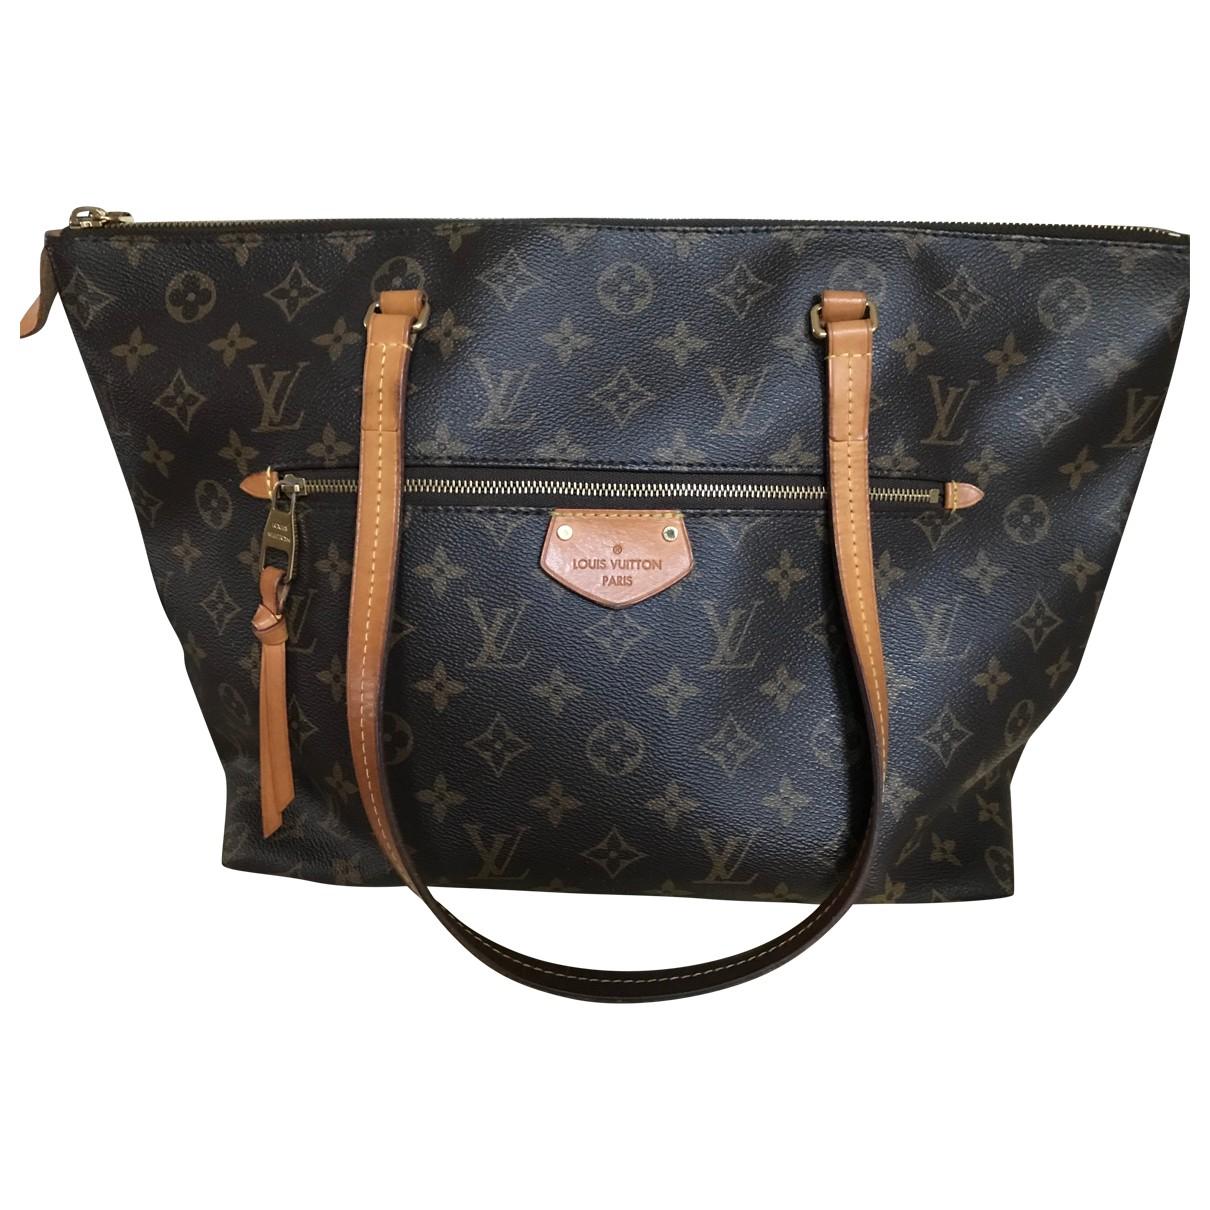 Louis Vuitton - Sac a main Iena pour femme en toile - marron